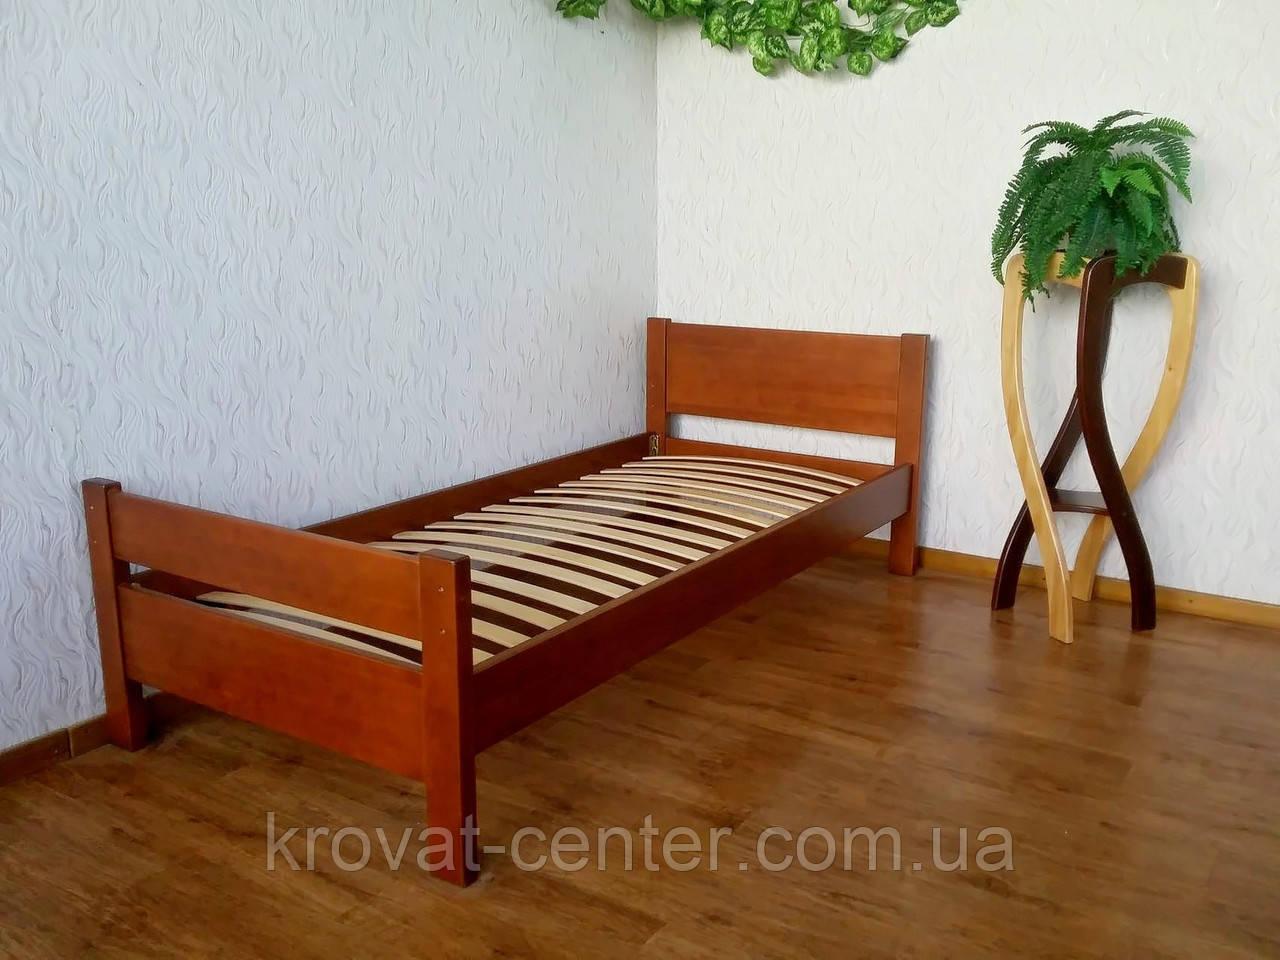 """Односпальная деревянная кровать с изножьем """"Эконом"""" от производителя"""